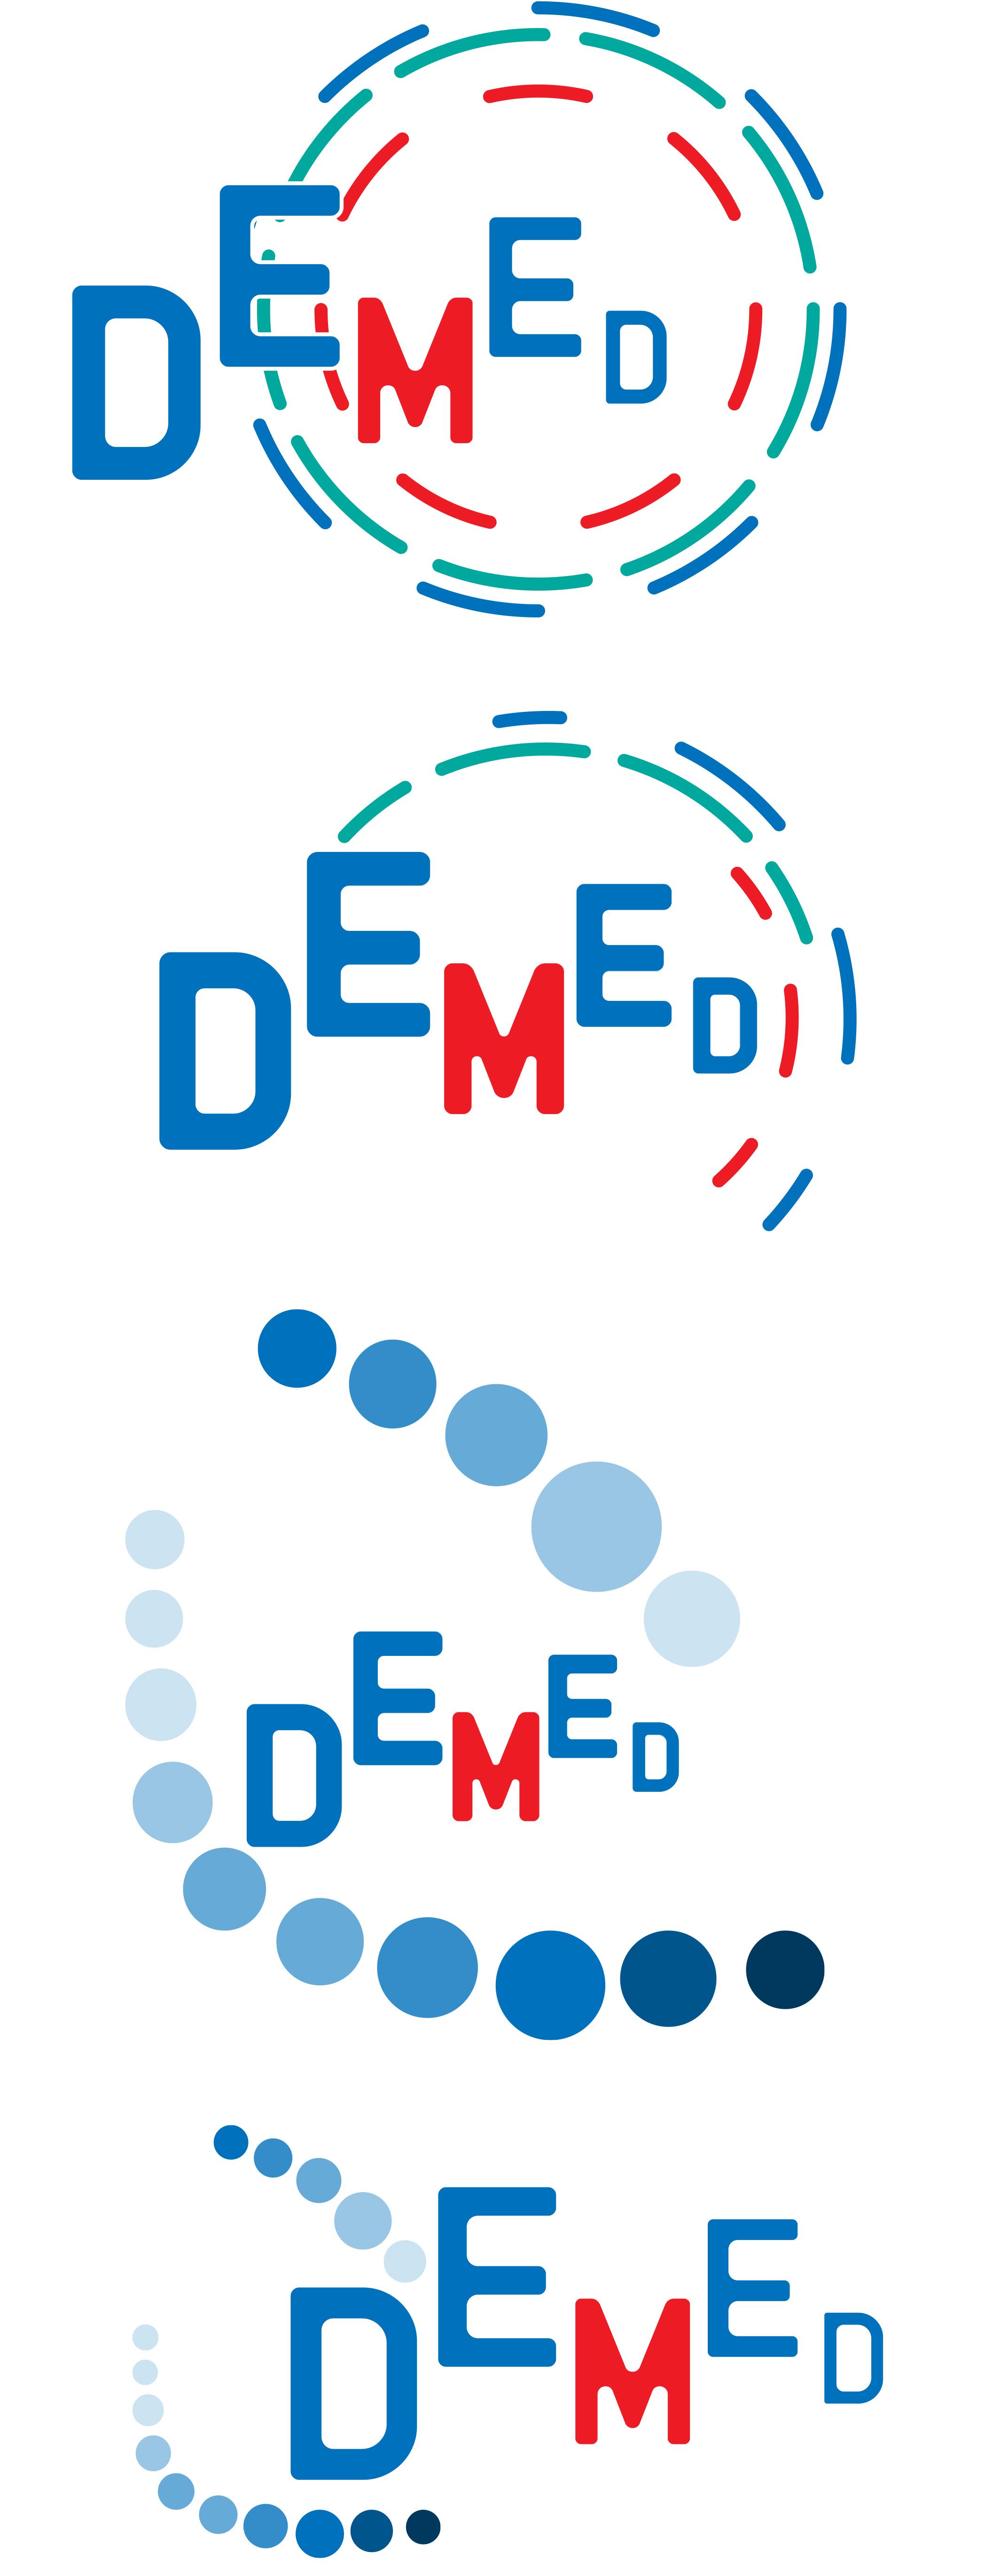 Логотип медицинского центра фото f_0865dc6a055e5e06.jpg